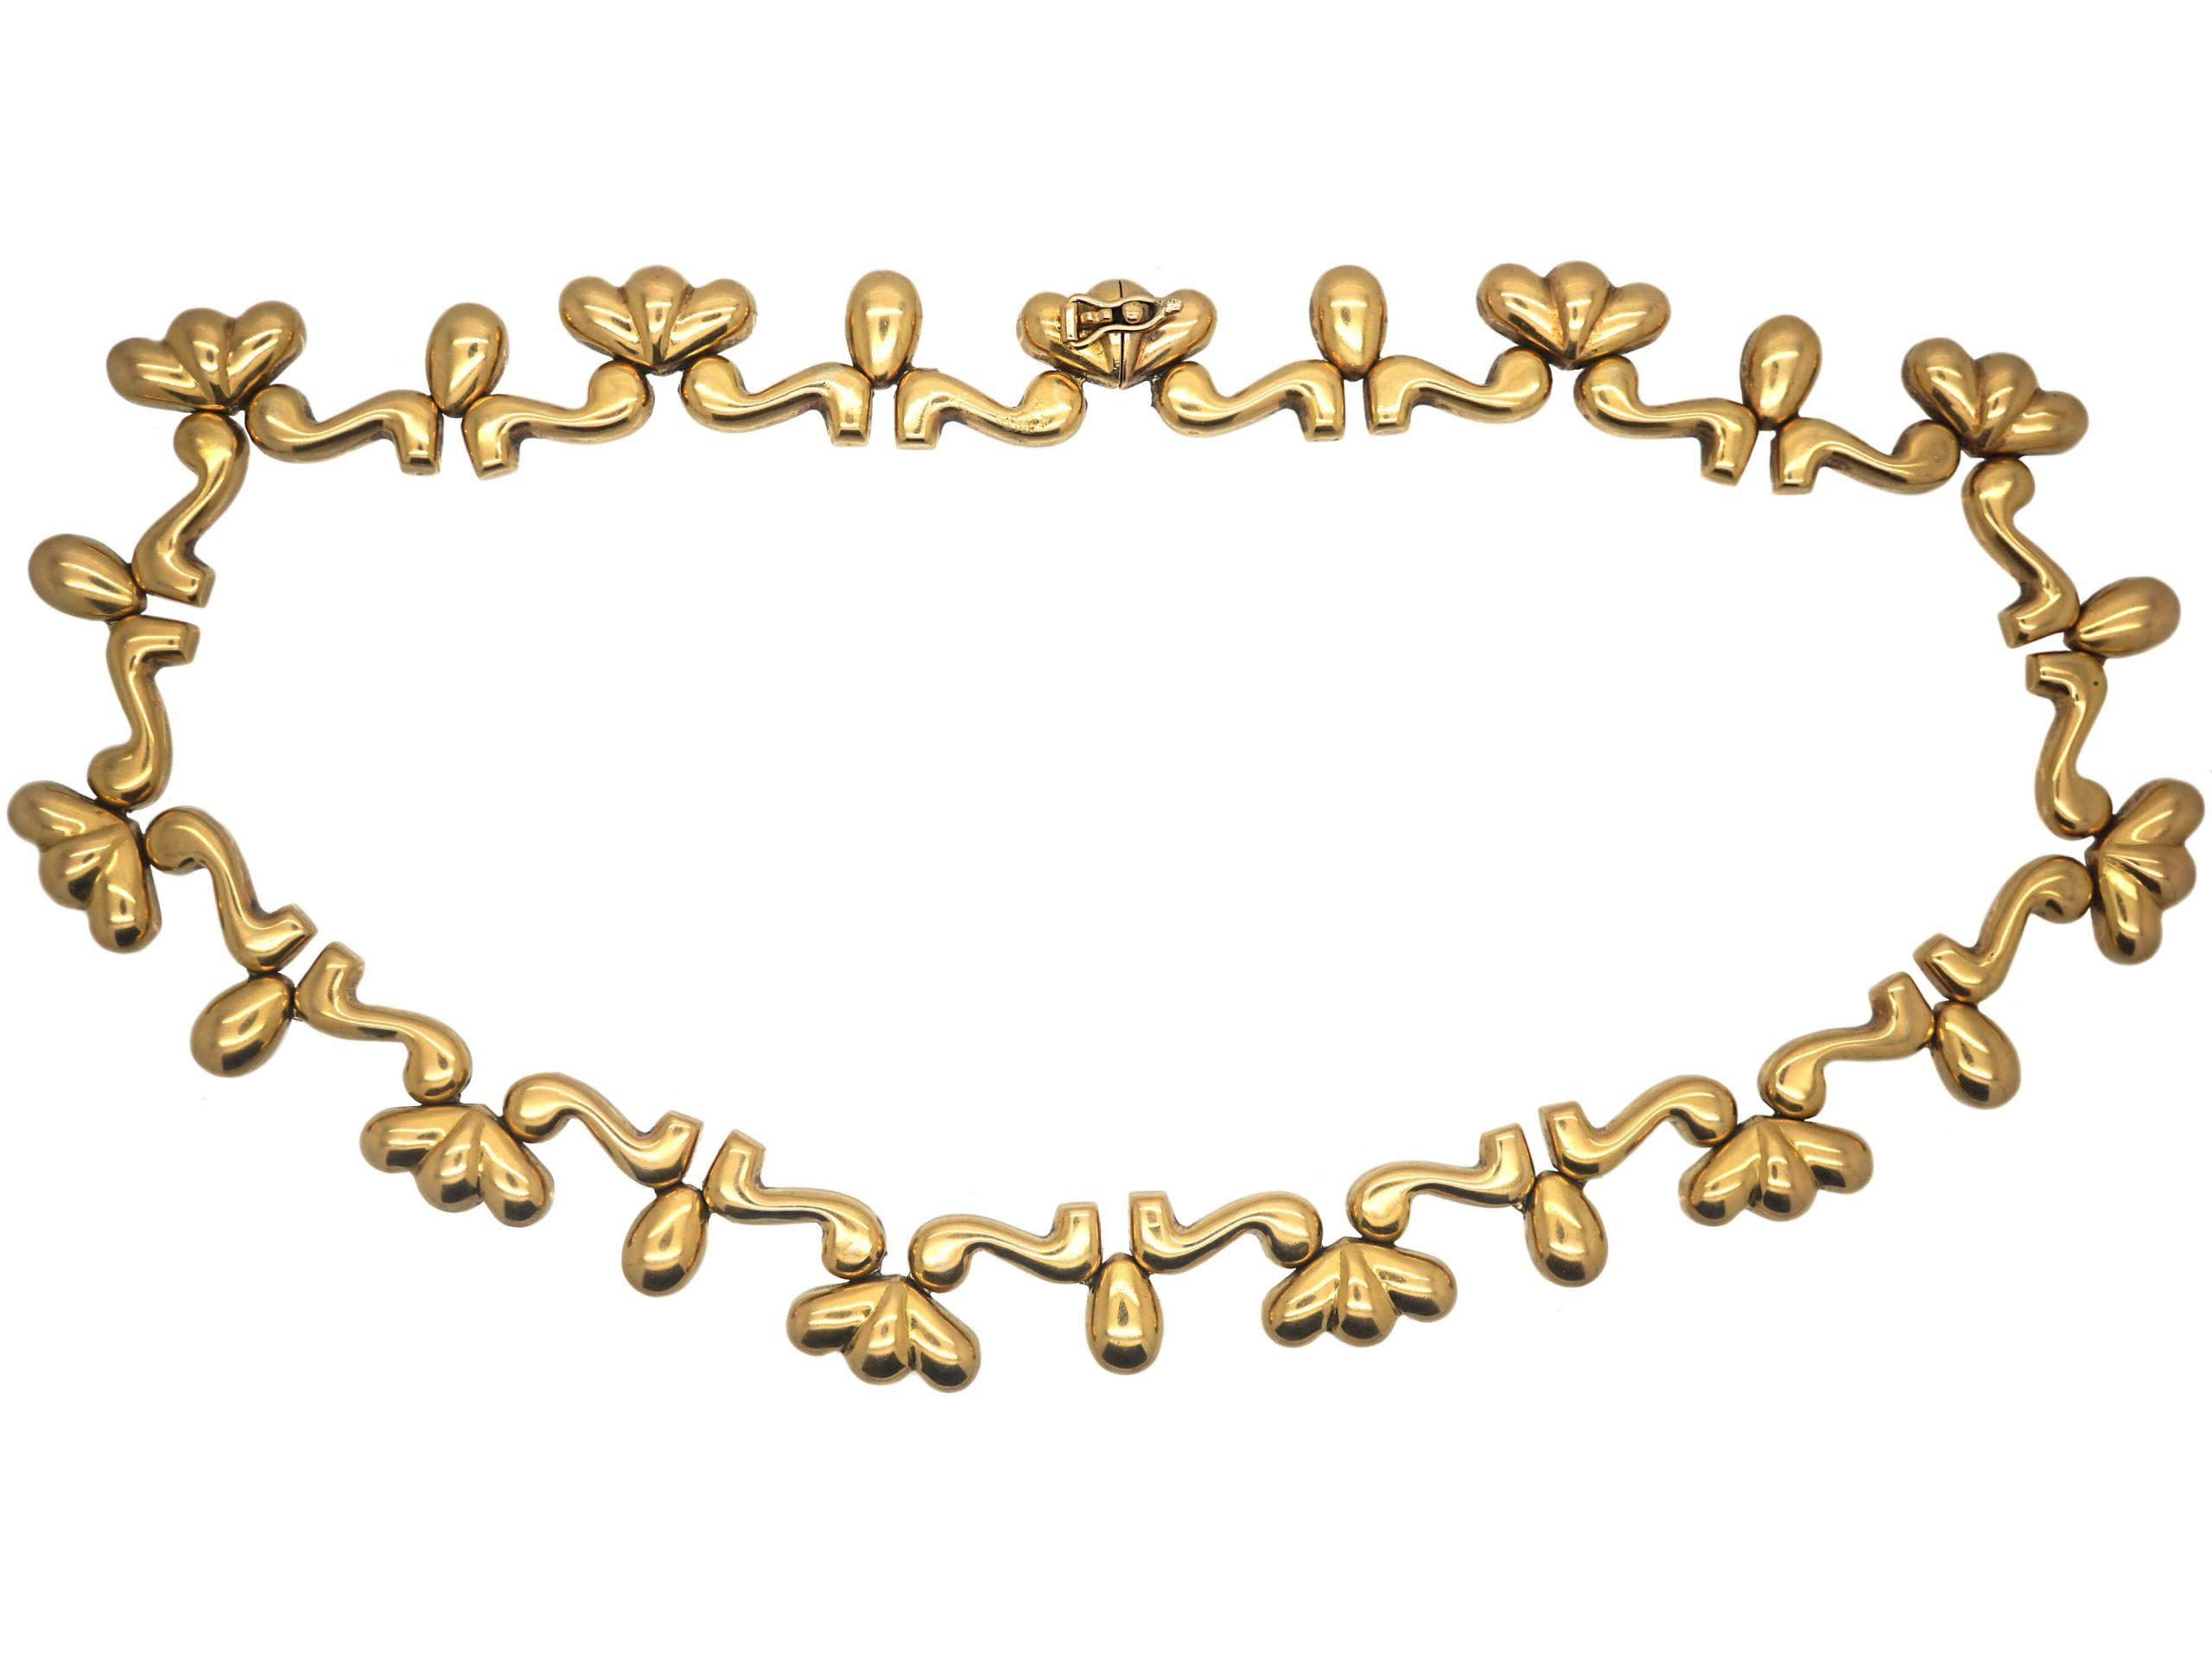 European 18ct Gold Statement Collar Necklace